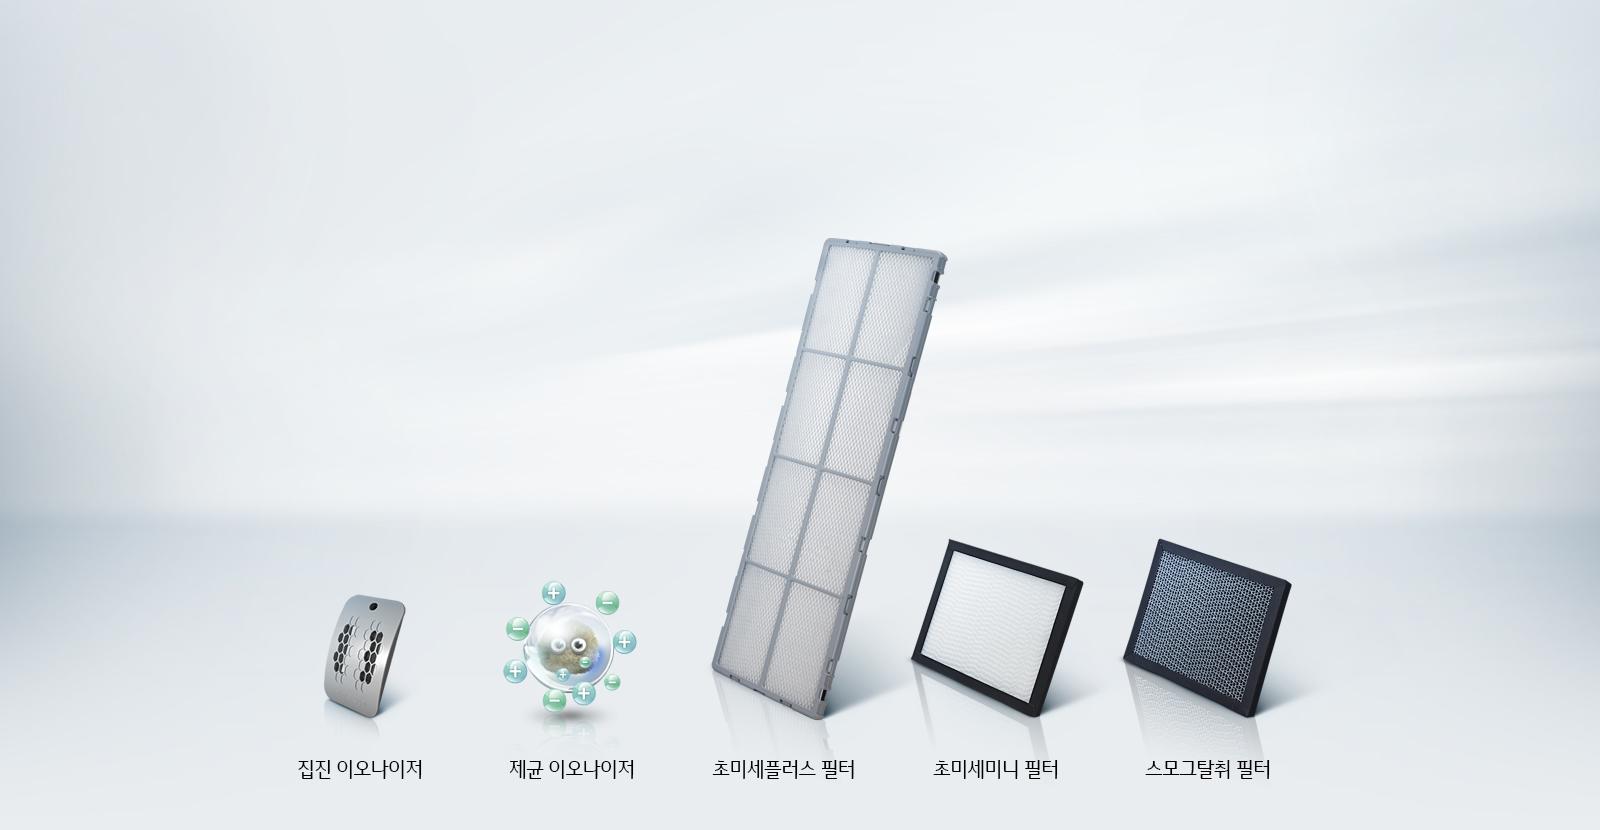 365 공기청정 필터 시스템(집진 이오나이저, 제균 이오나이저, 초미세플러스 필터, 초미세미니 필터, 스모그탈취 필터) 이미지